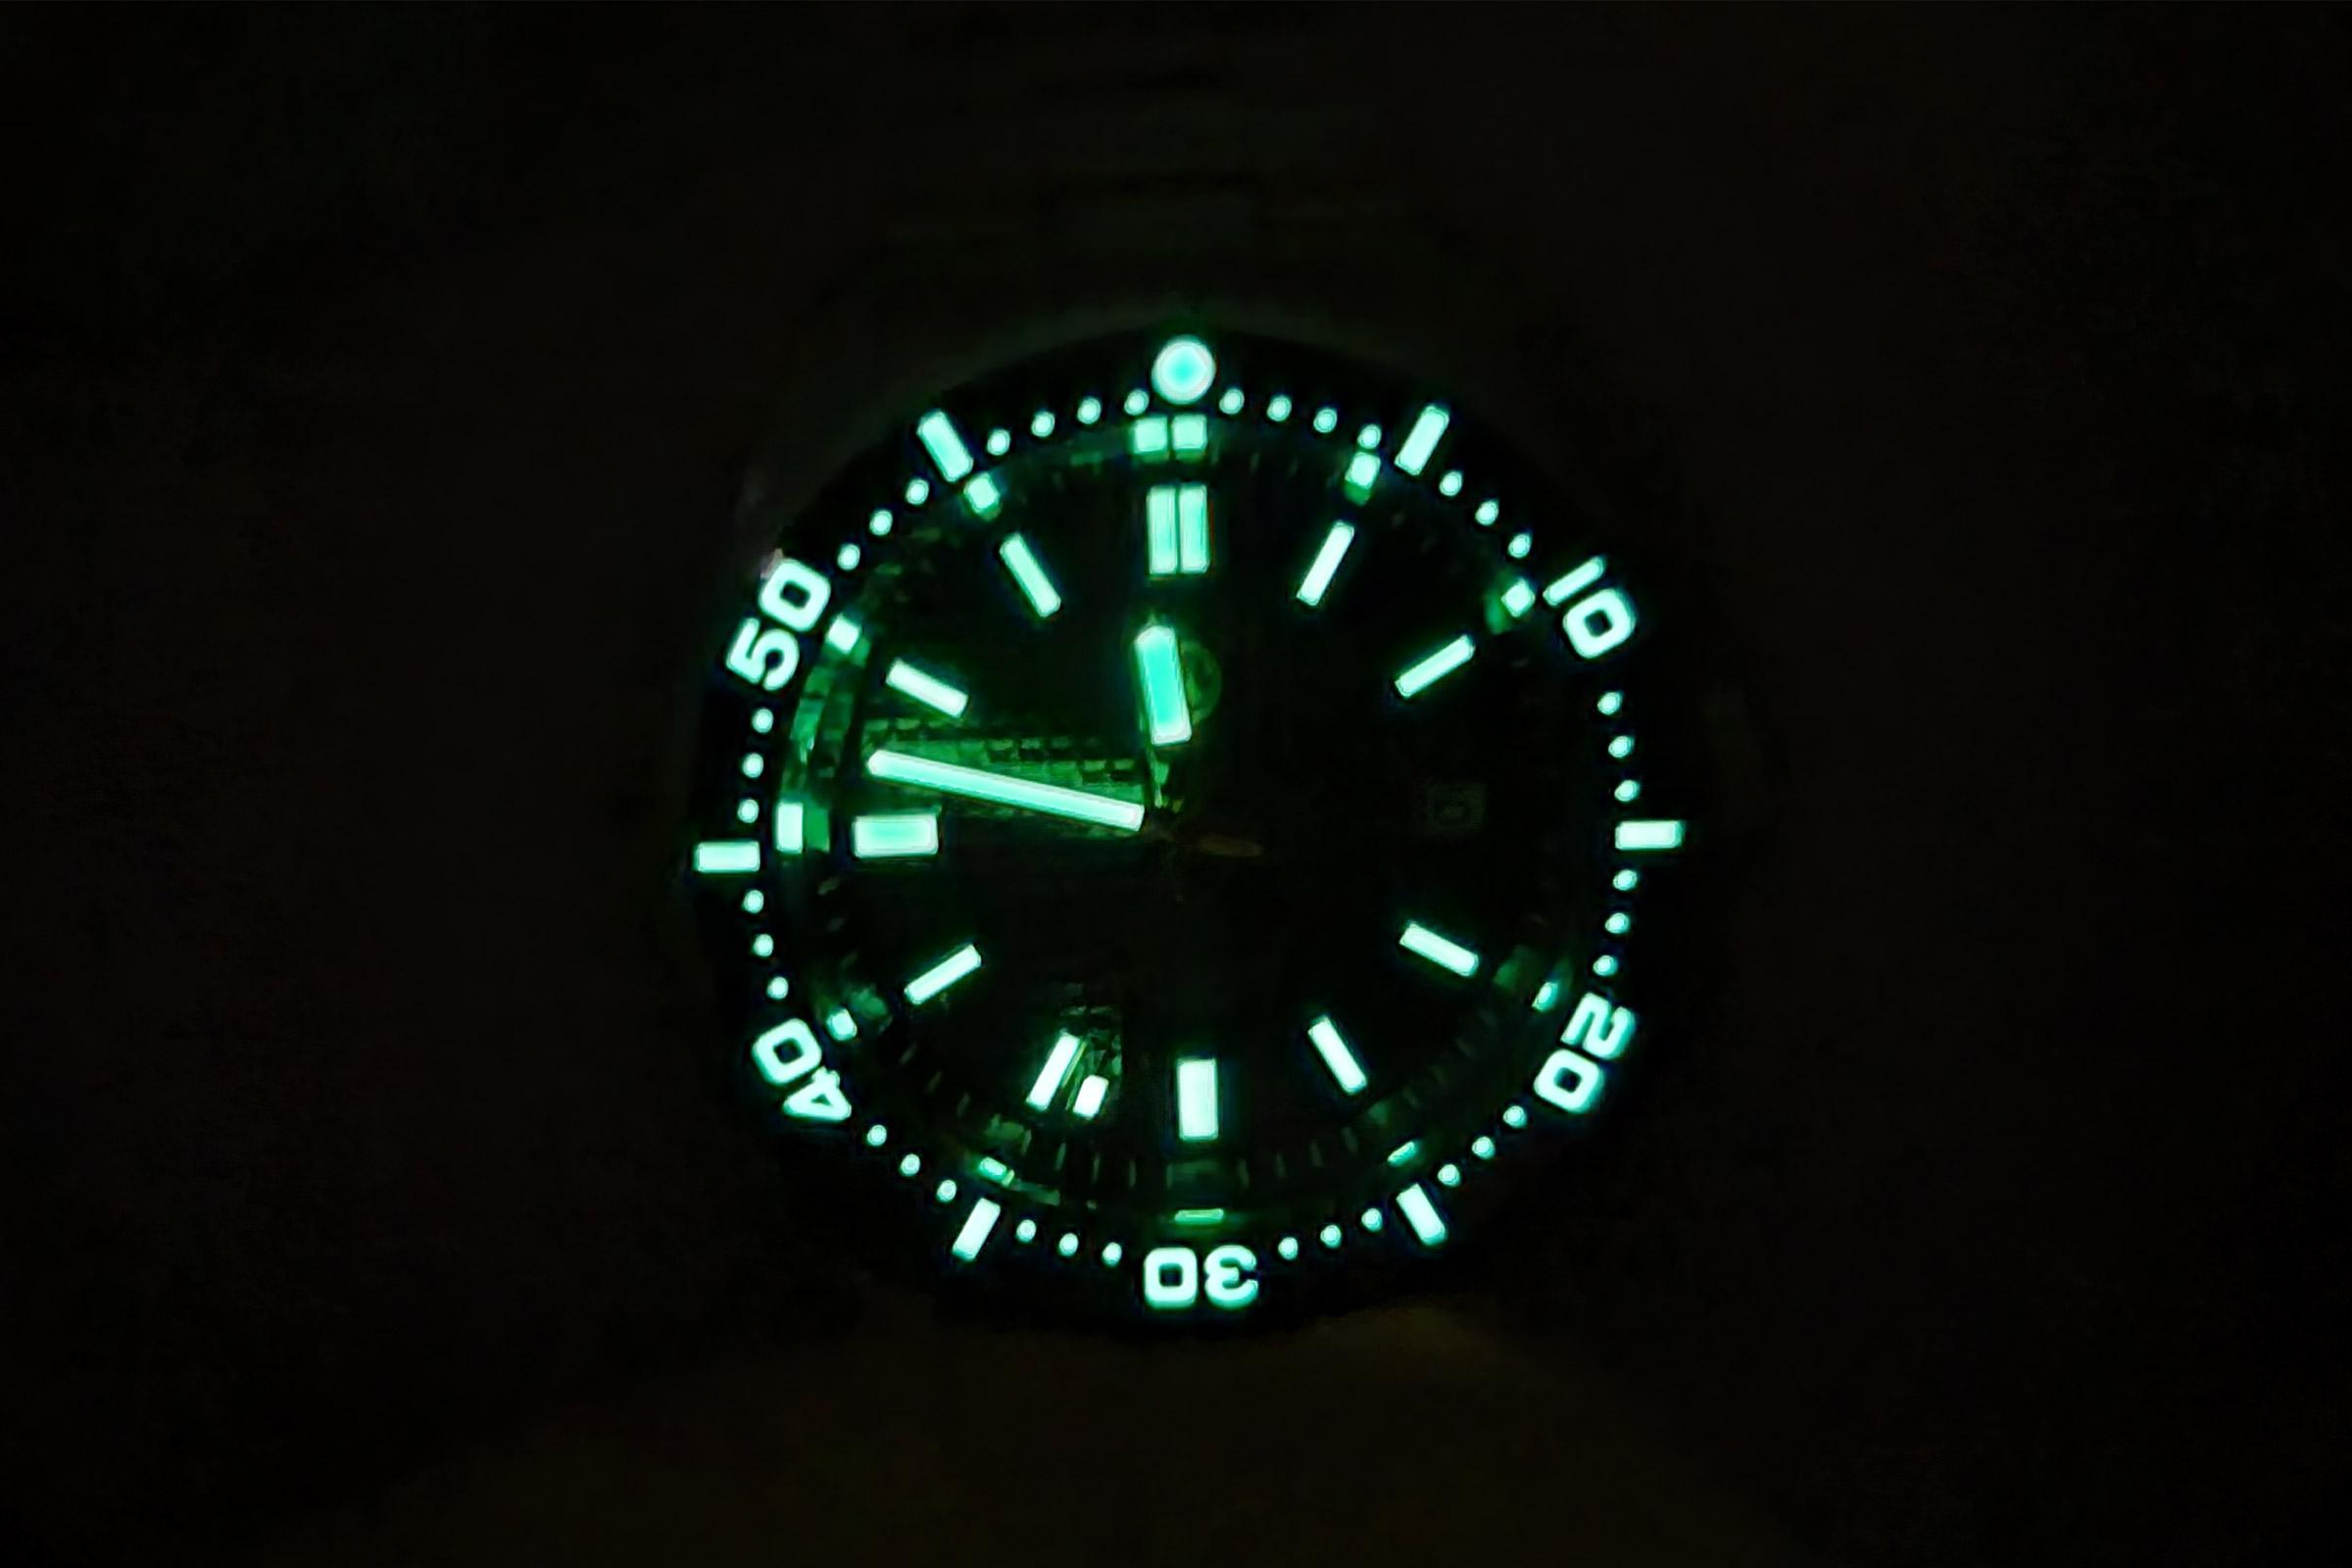 islander #isl-88 automatic watch - lume